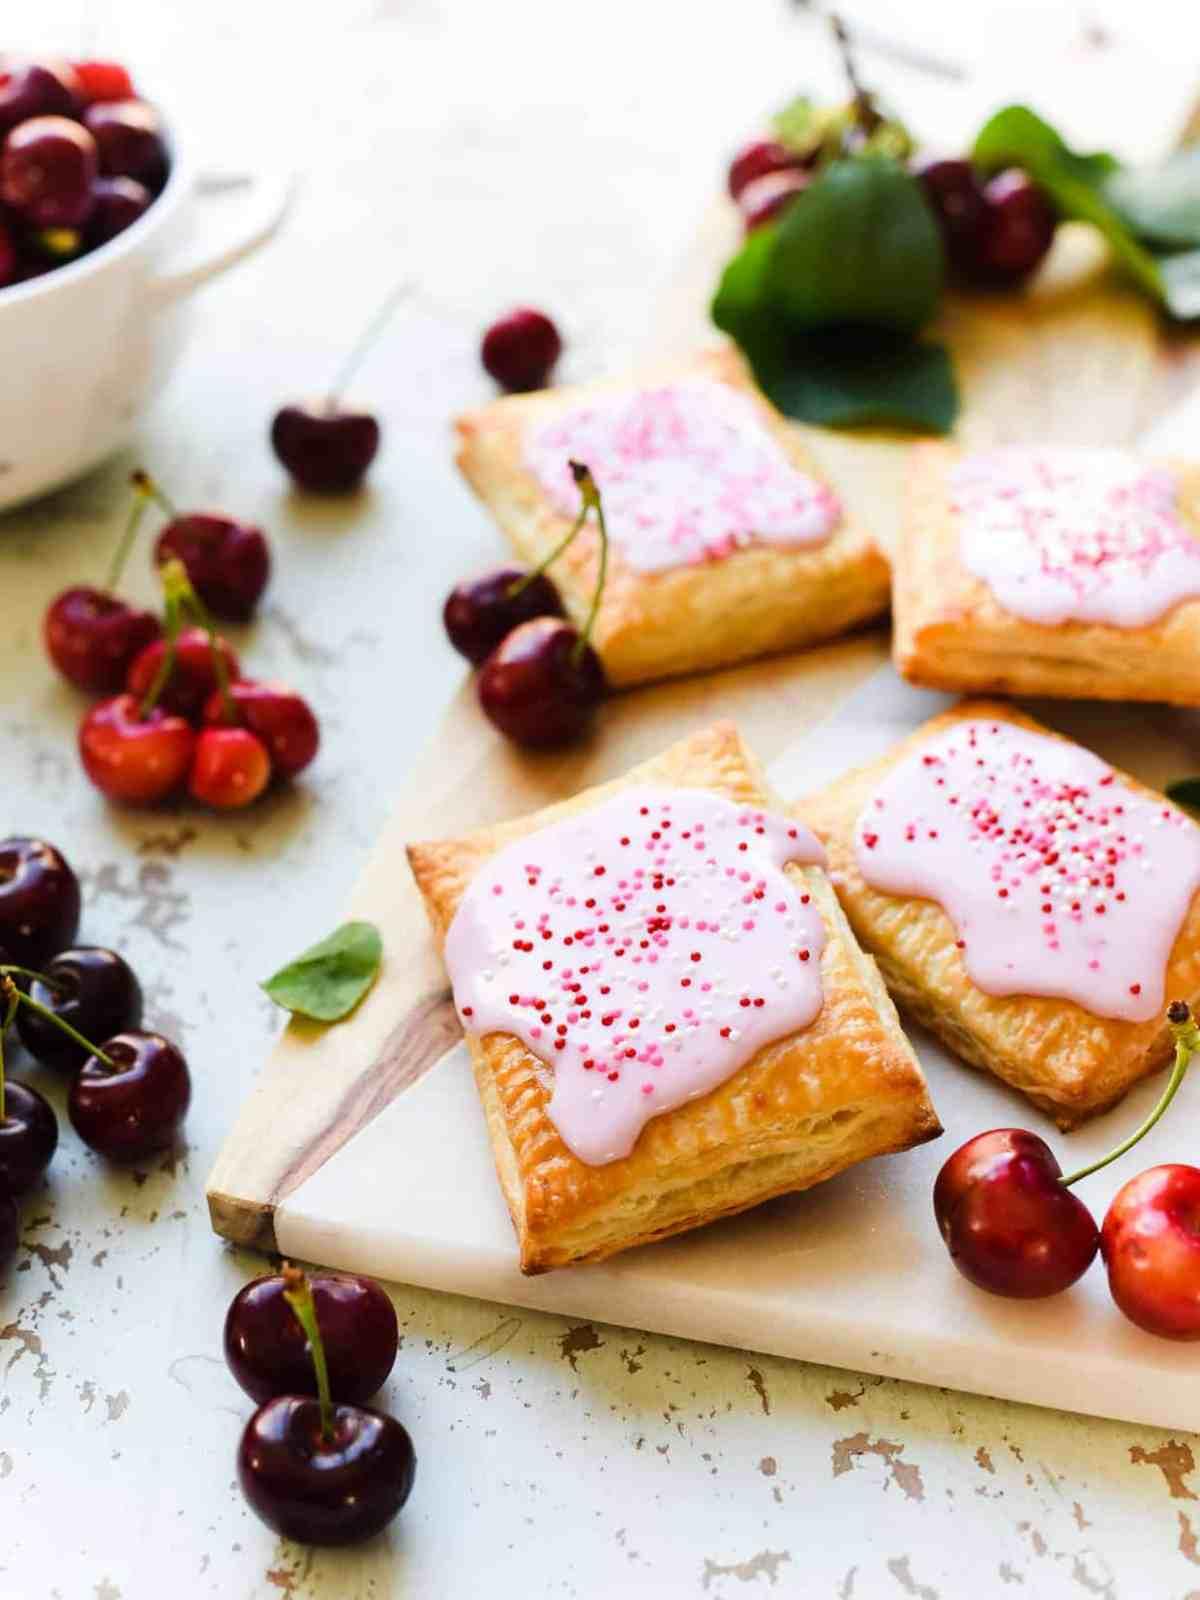 Homemade Cherry Pop Tarts surrounded by fresh cherries